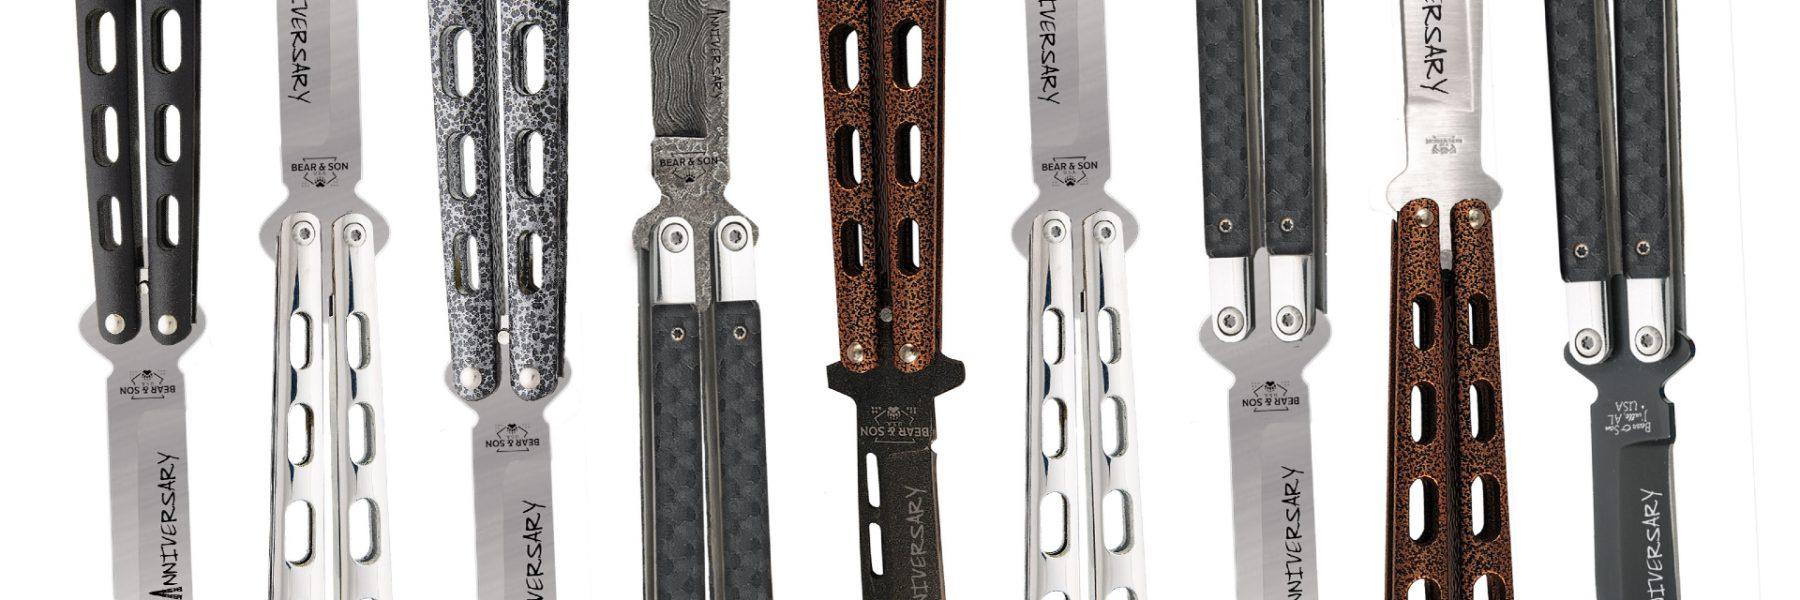 Premier coup d'oeil: Nouveaux couteaux Balisong Bear & Son Coutellerie   La coutellerie Bear & Son est une célébrité